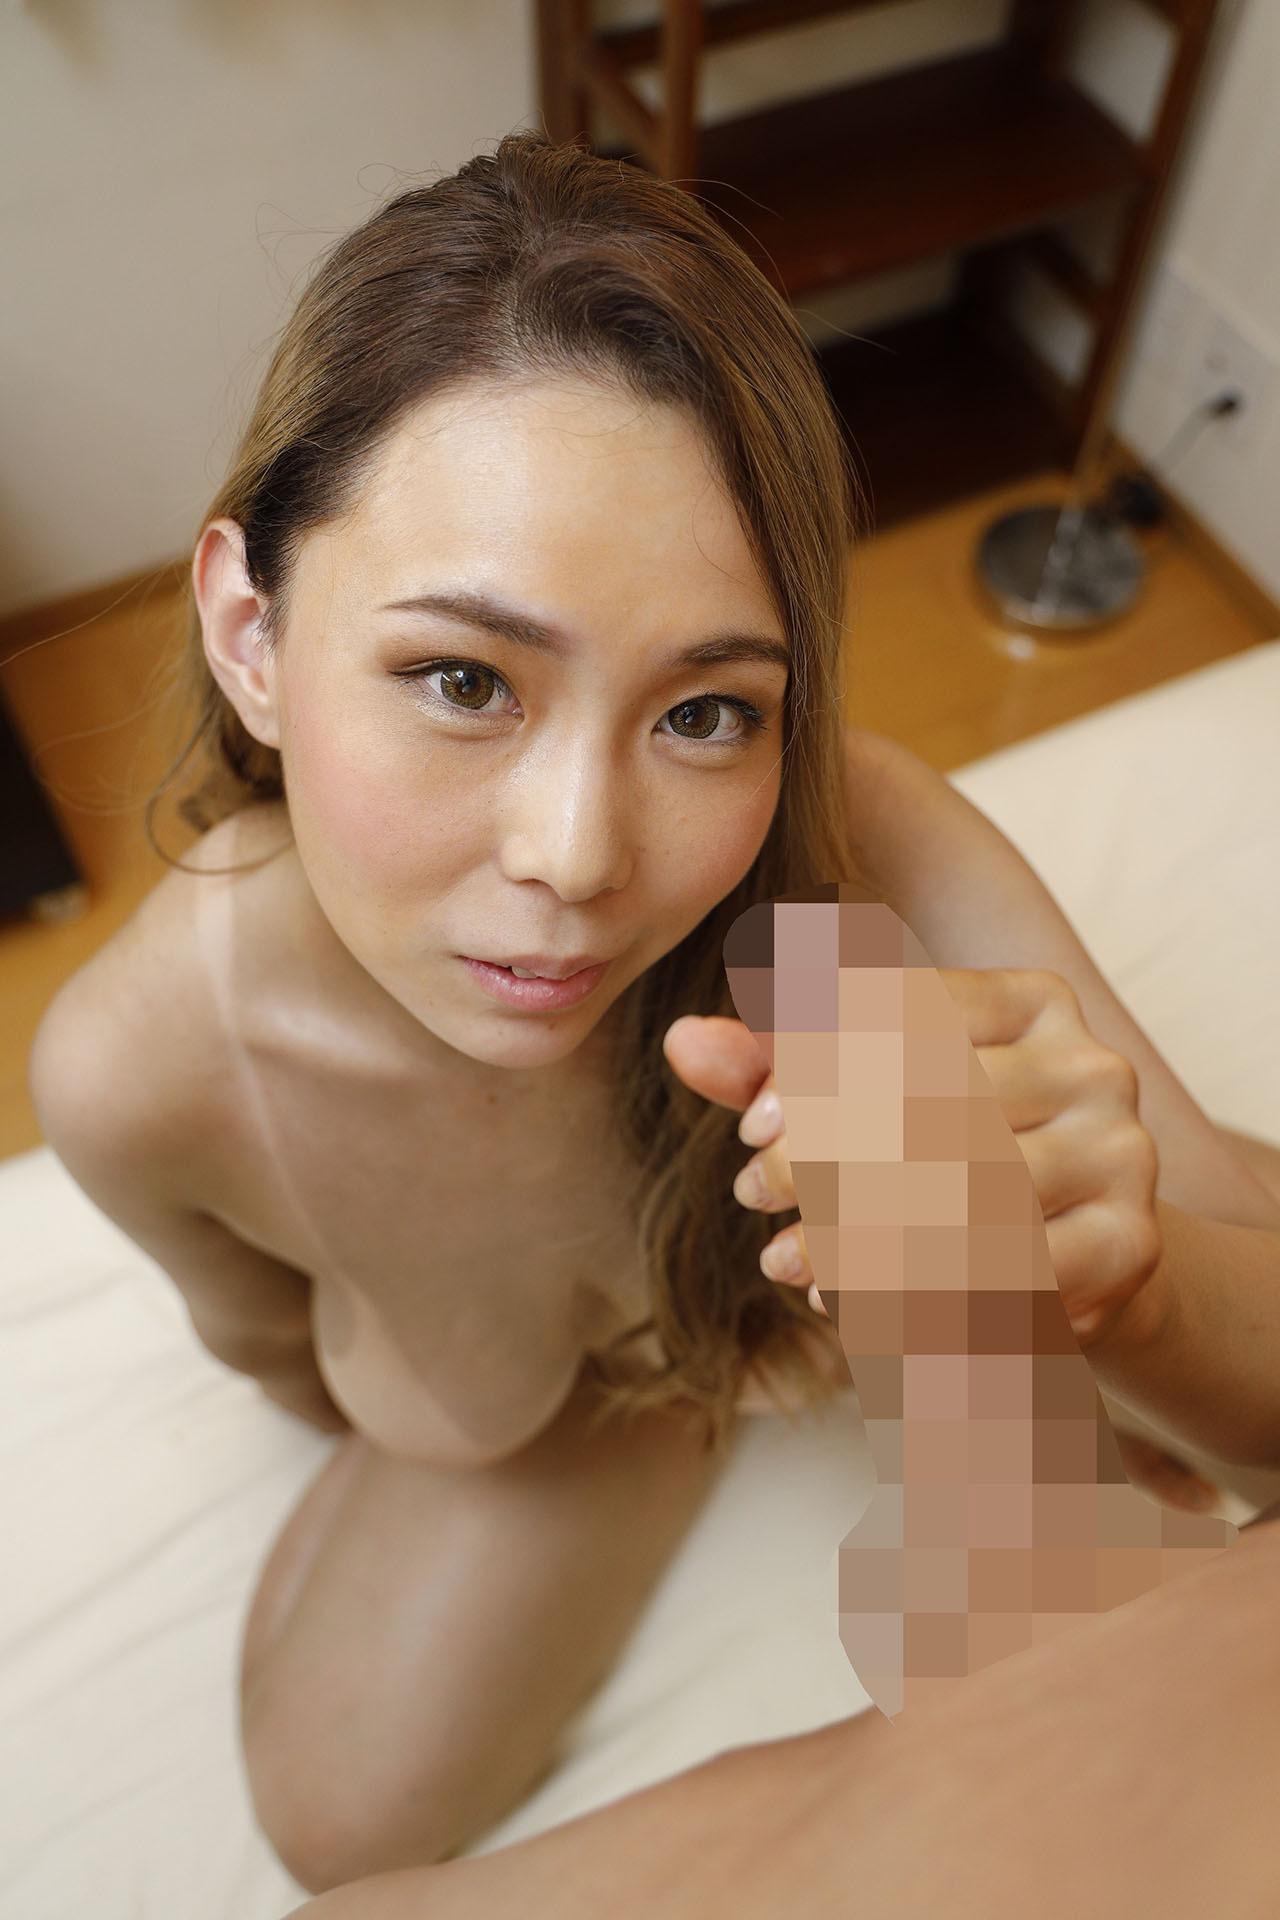 Iカップロケットオッパイのエロ黒姉さん over age.30 画像15